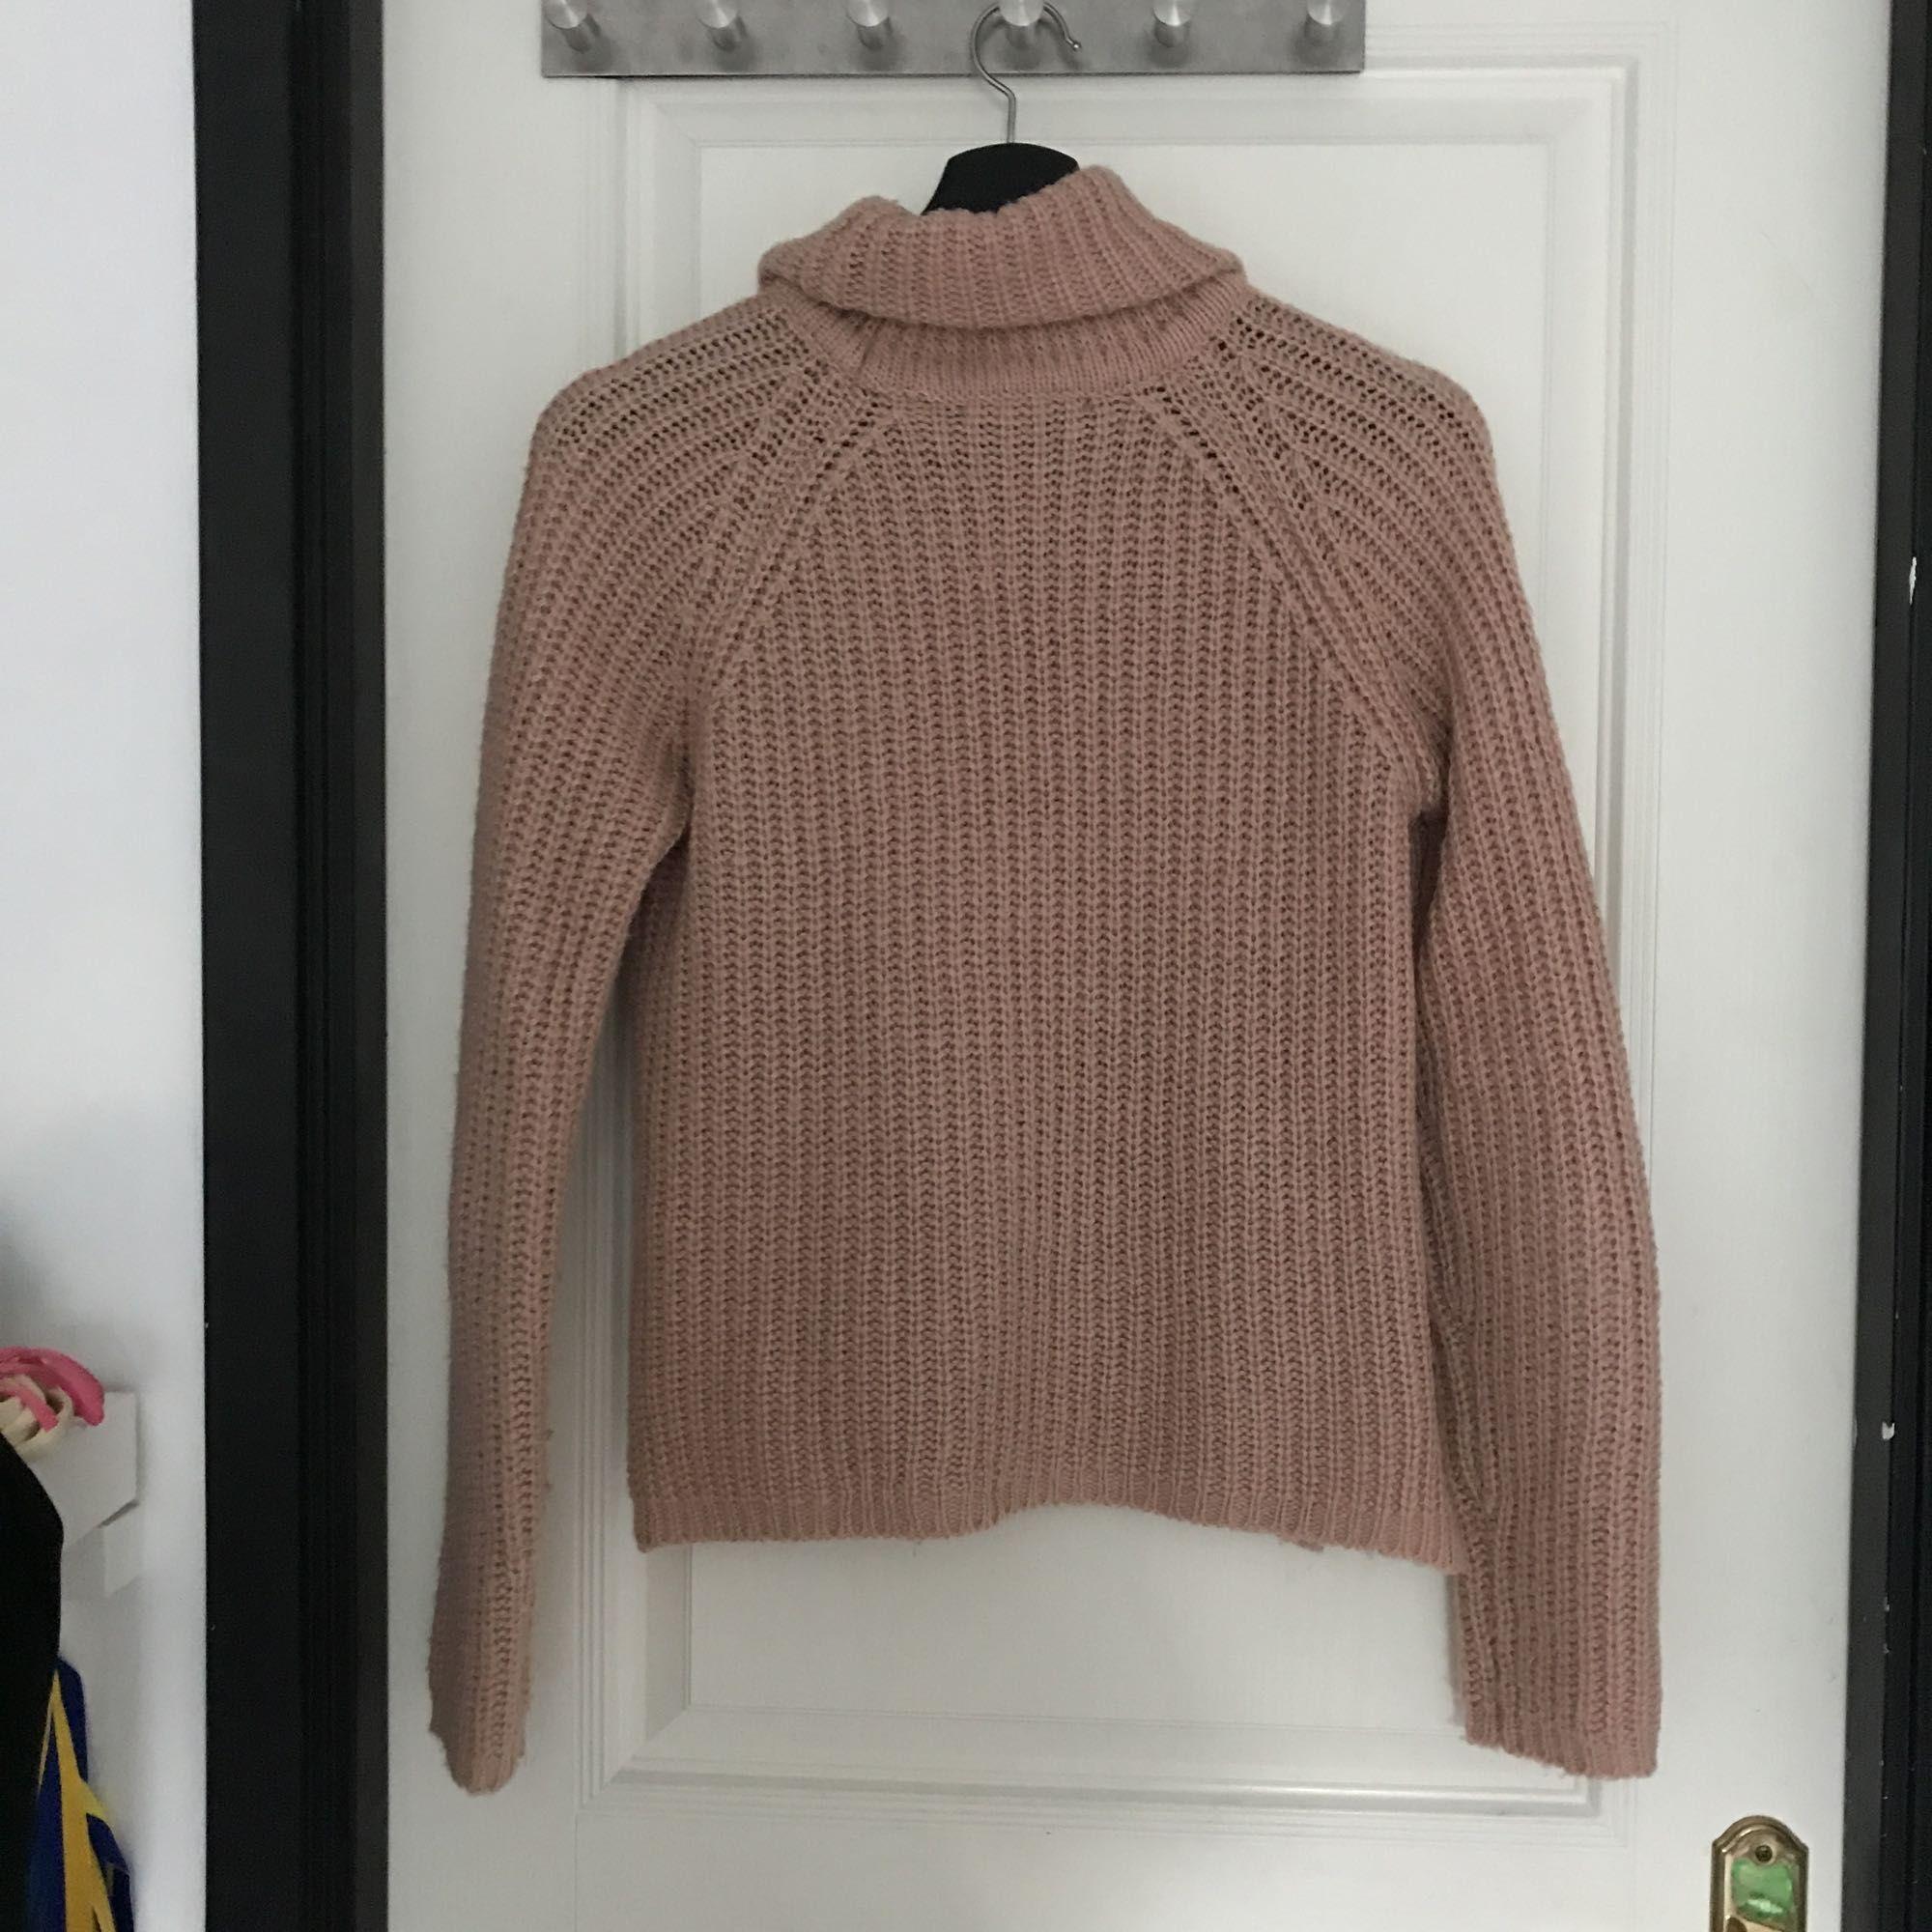 Stickad smutsrosa tröja med hängande krage från Gina tricot. Använd några gånger.  Jag kan mötas upp i Mariestad, annars står jag för frakten. . Stickat.